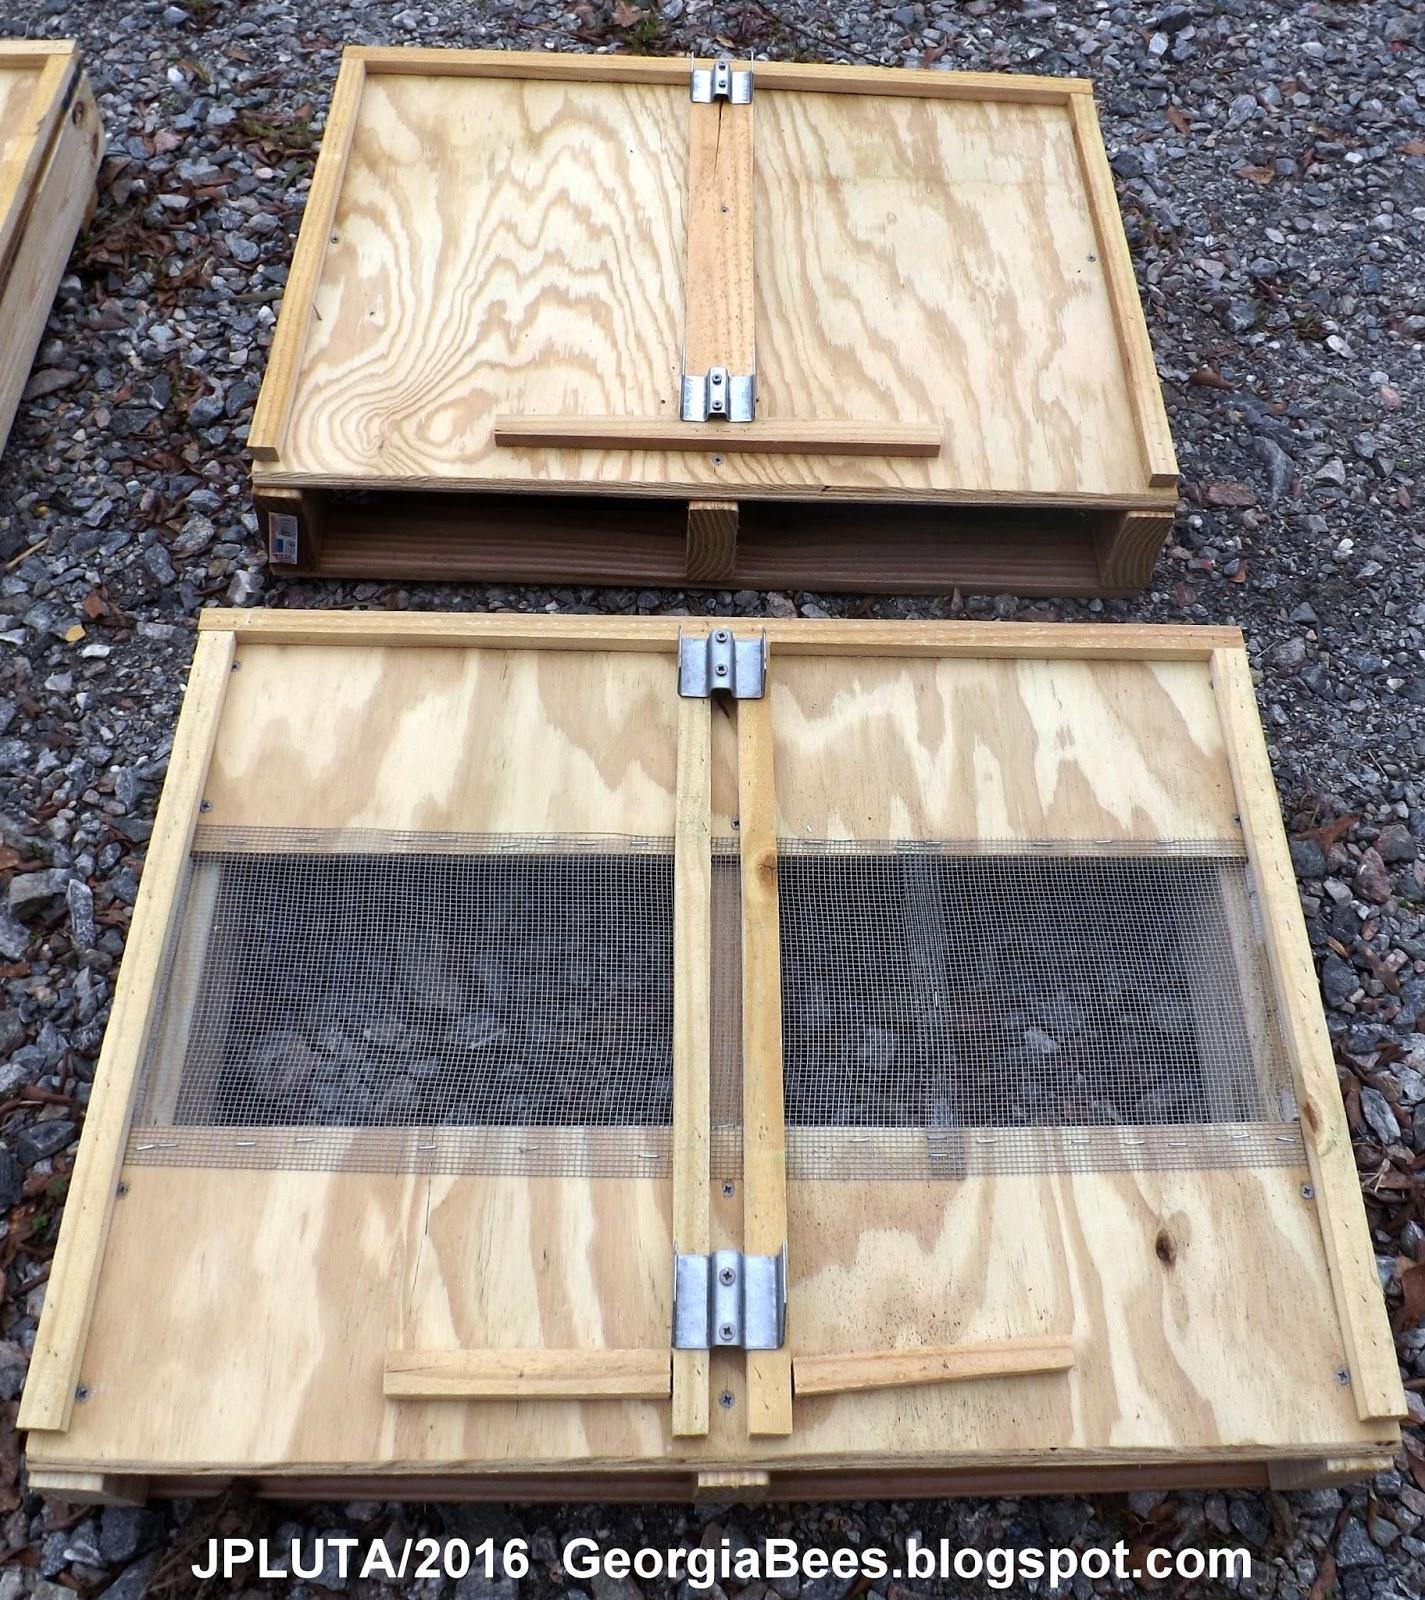 Screened bottom board pallets